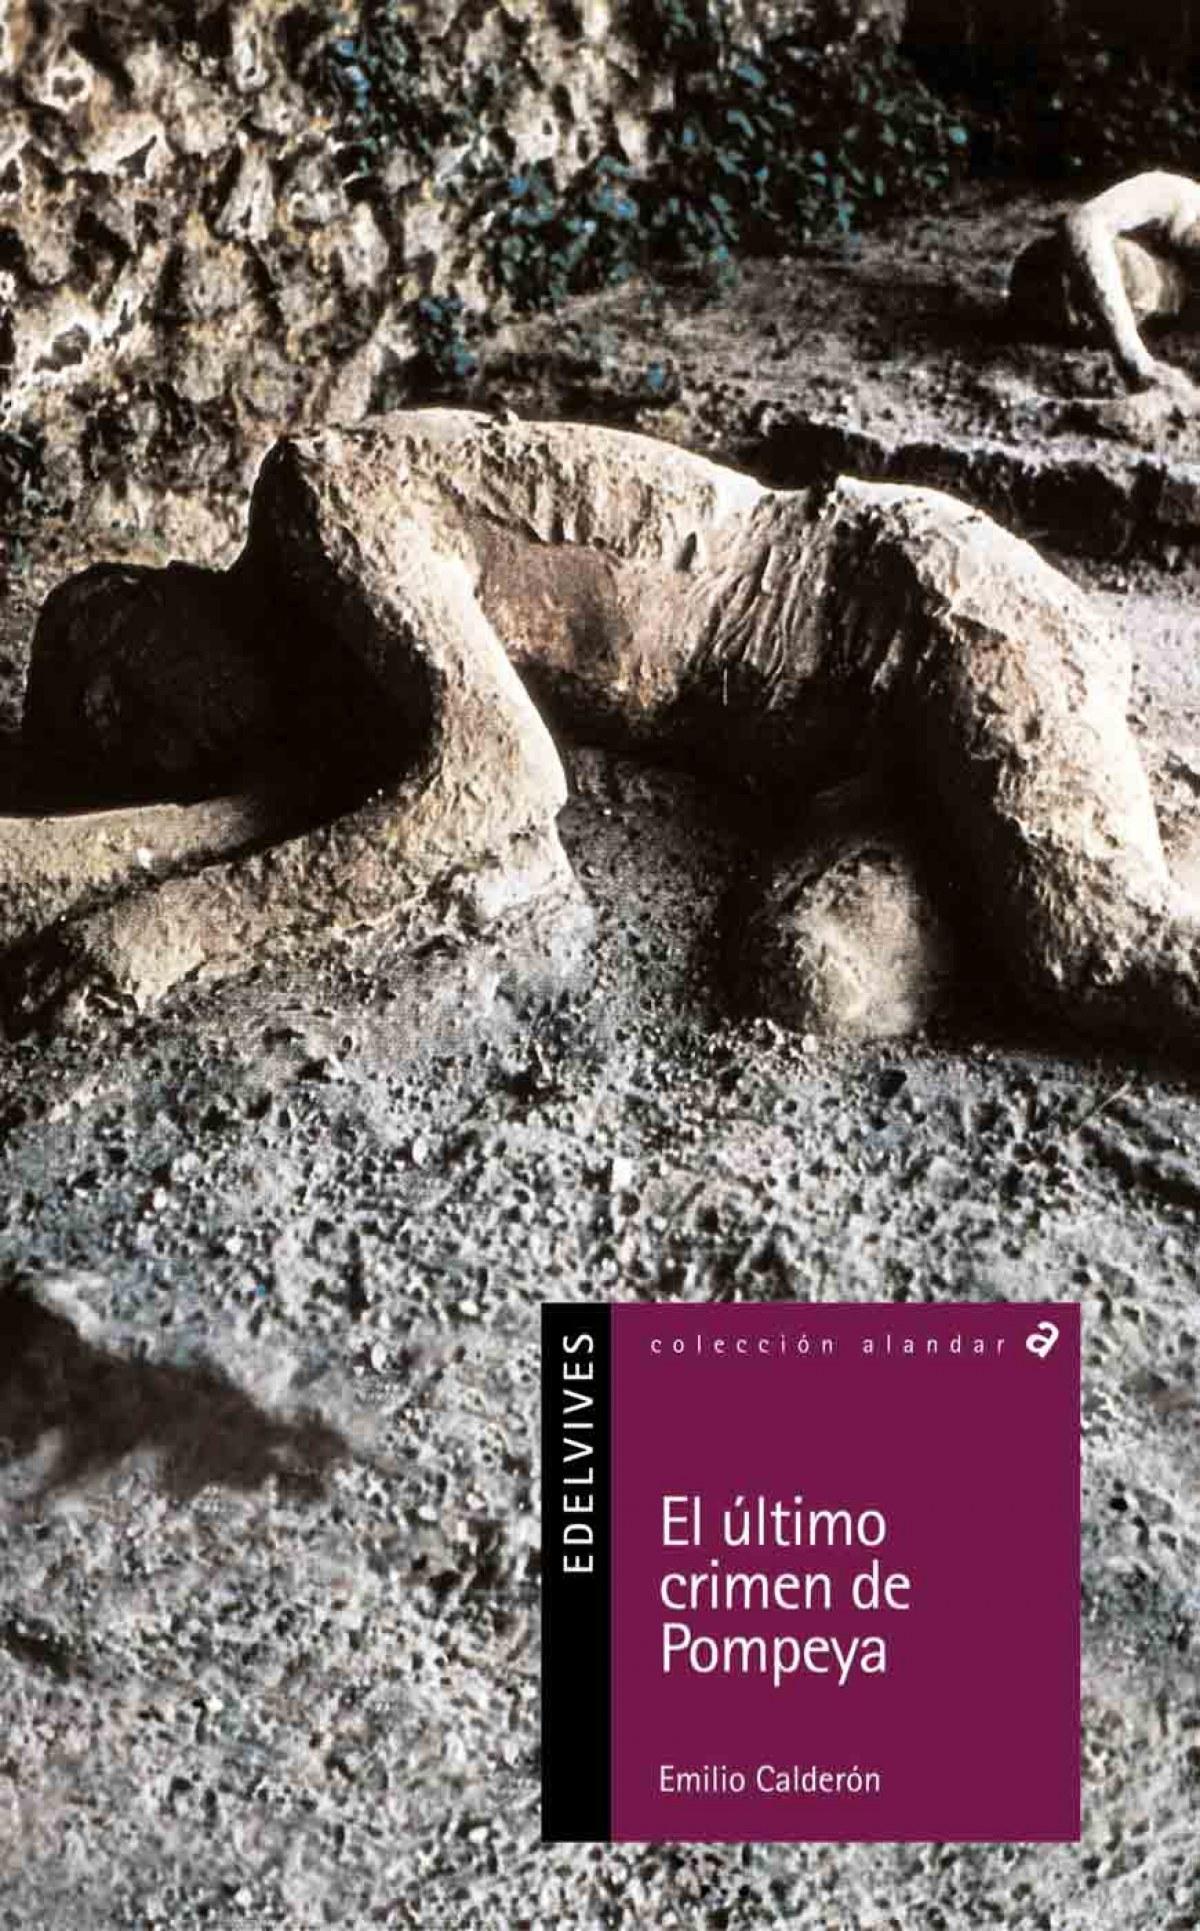 El ultimo crimen de Pompeya